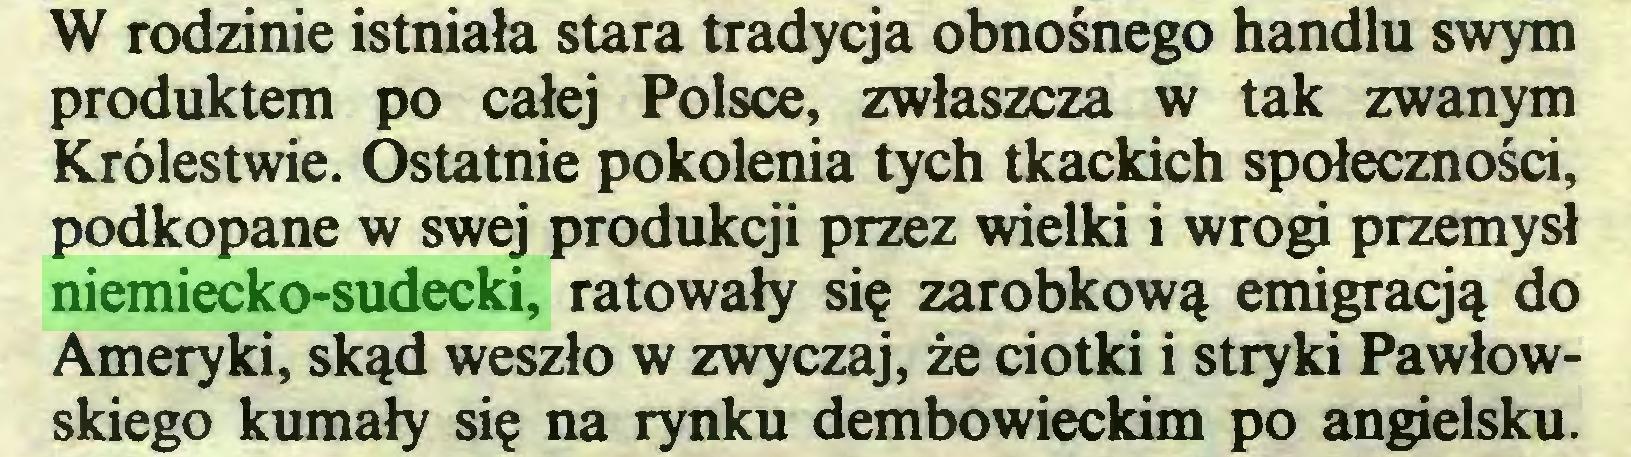 (...) W rodzinie istniała stara tradycja obnośnego handlu swym produktem po całej Polsce, zwłaszcza w tak zwanym Królestwie. Ostatnie pokolenia tych tkackich społeczności, podkopane w swej produkcji przez wielki i wrogi przemysł niemiecko-sudecki, ratowały się zarobkową emigracją do Ameryki, skąd weszło w zwyczaj, że ciotki i stryki Pawłowskiego kumały się na rynku dembowieckim po angielsku...